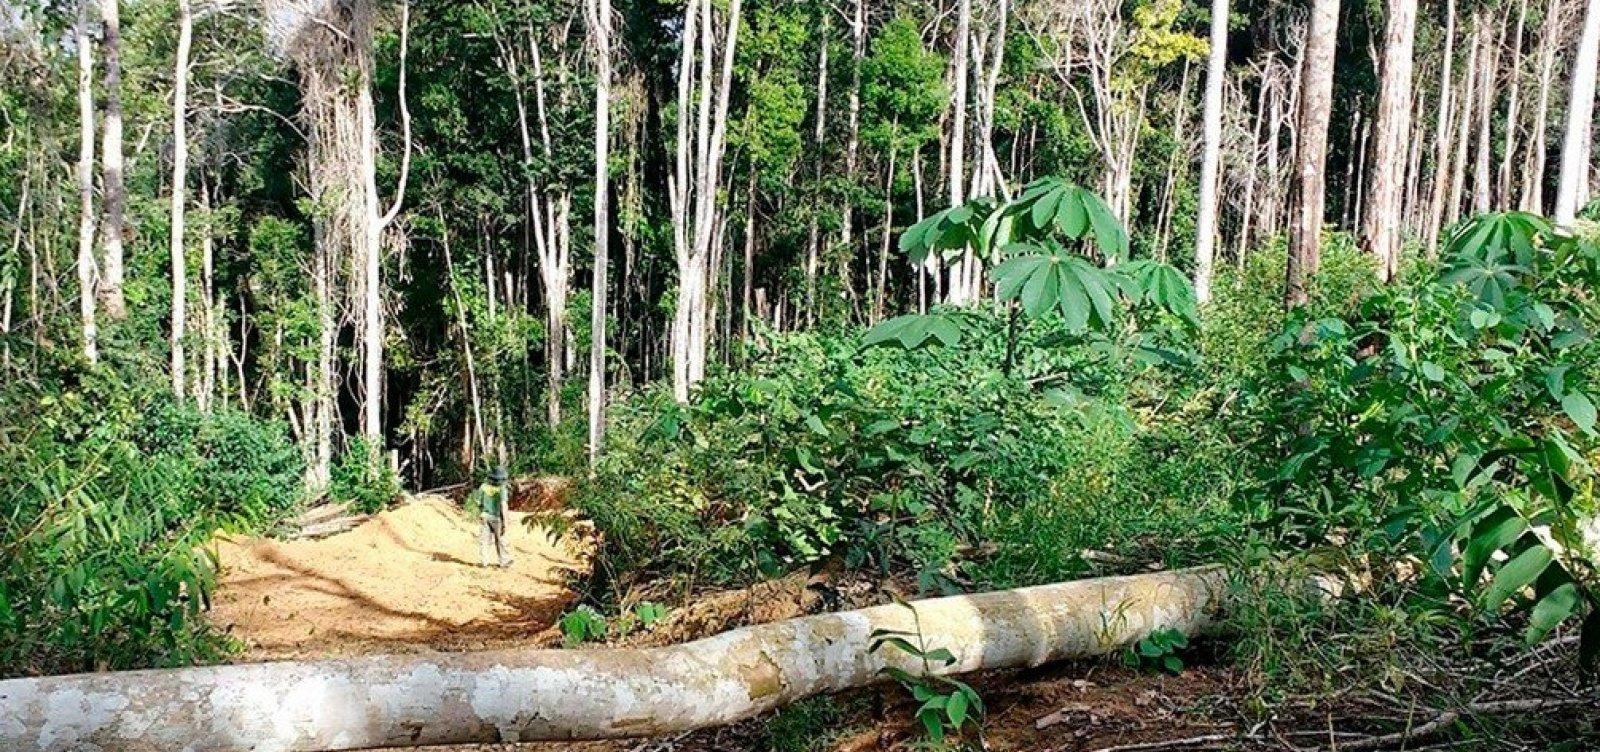 [Operação fiscaliza áreas desmatadas da Mata Atlântica na Bahia ]